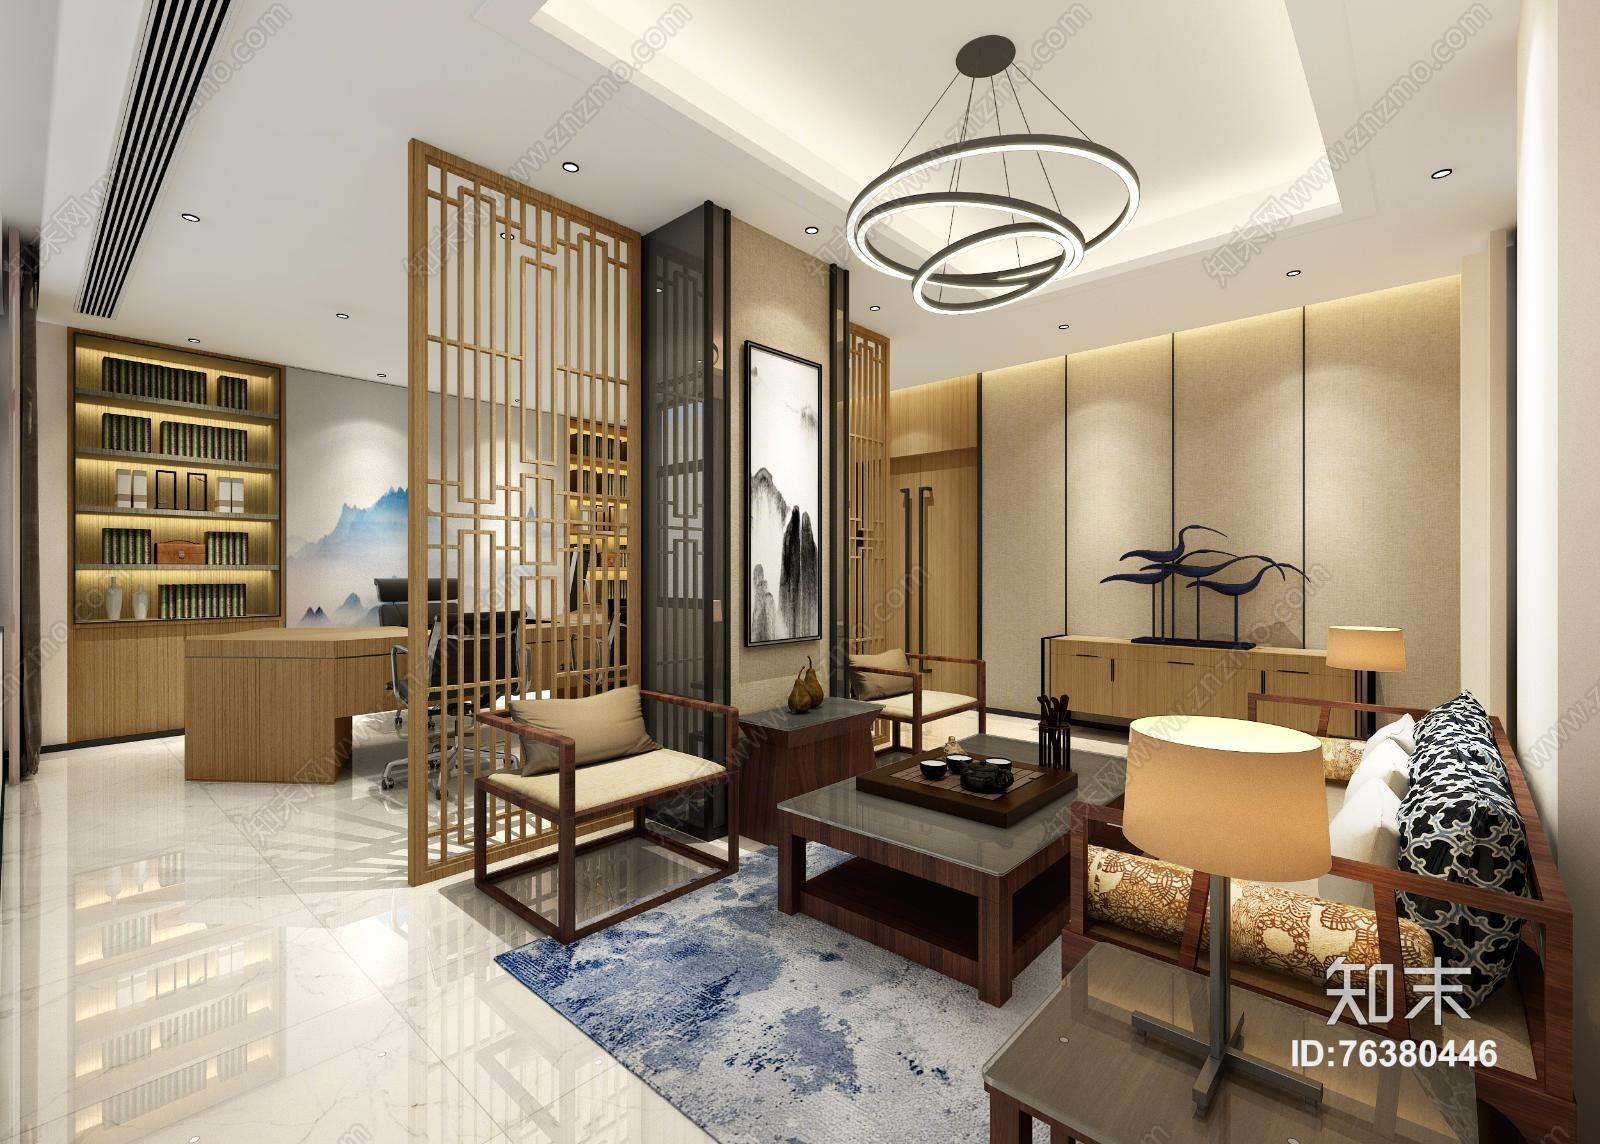 新中式董事长办公室 吊灯 屏帐 单双人沙发 茶几 装饰柜 摆件 书架